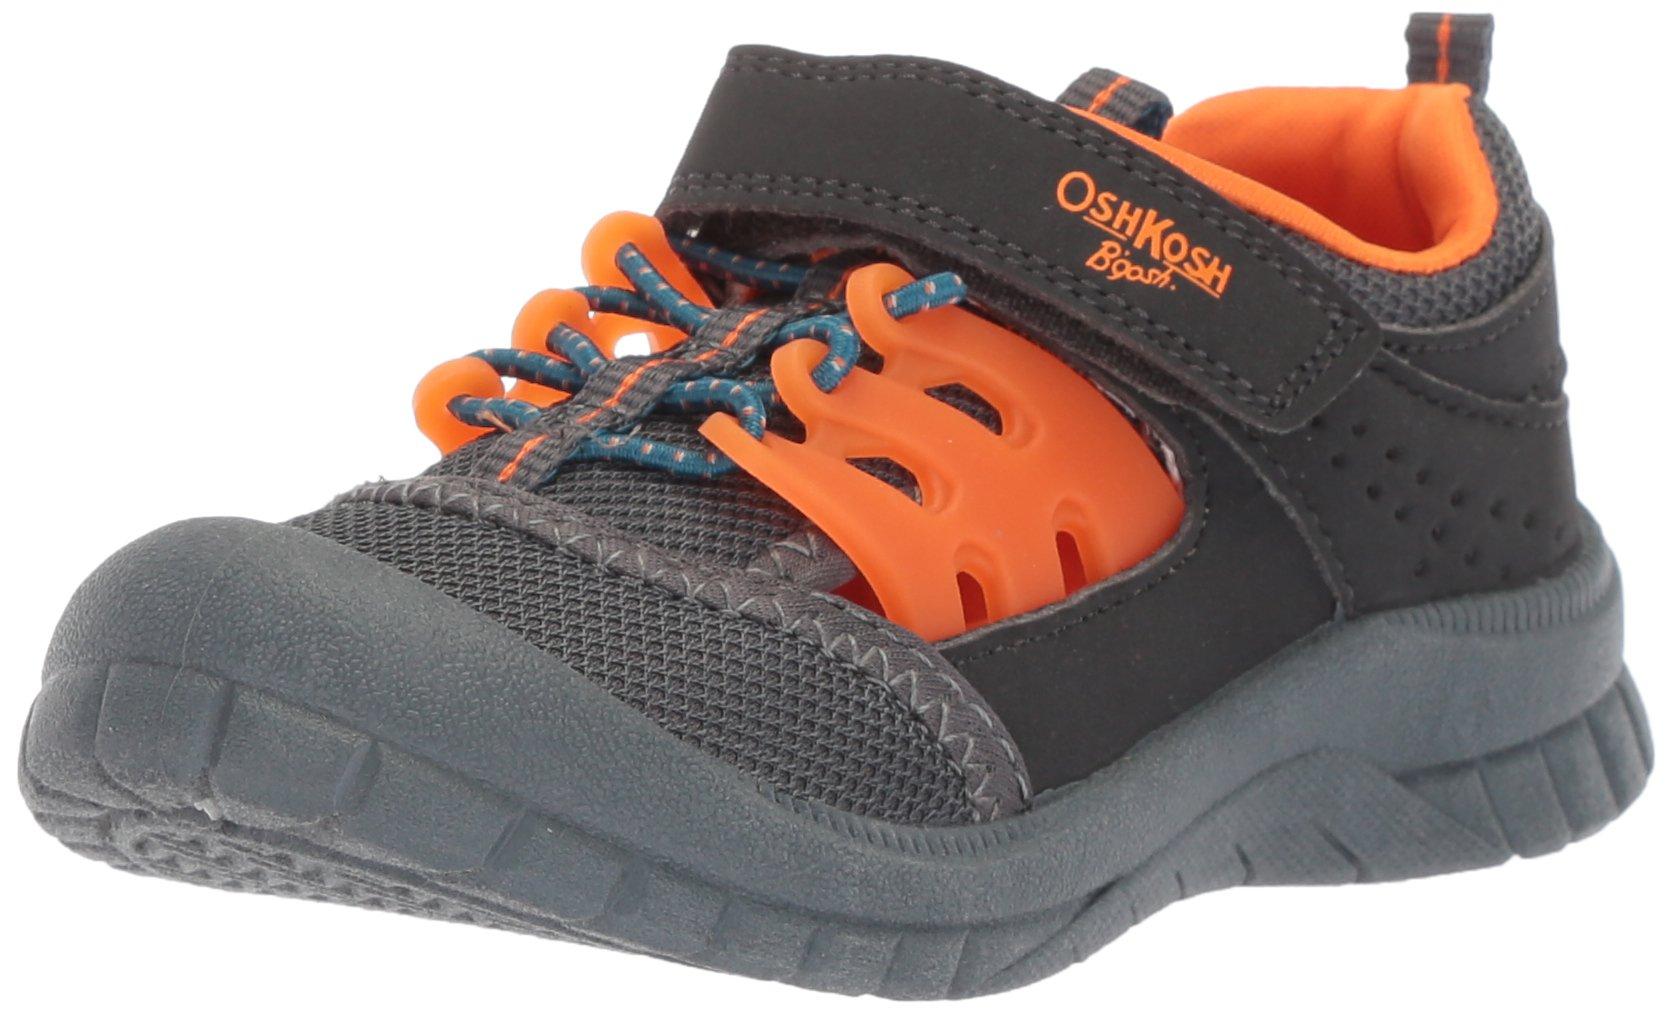 OshKosh B'Gosh Koda Boy's Bumptoe Athletic Sandal Sport, Grey, 12 M US Little Kid